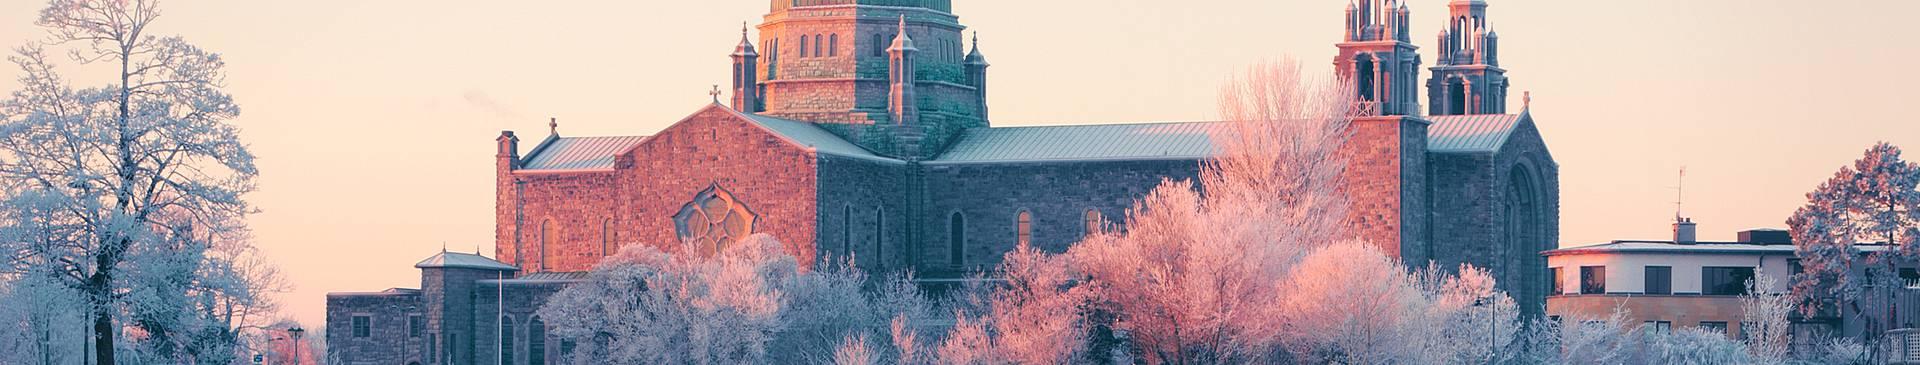 Winter in Ireland